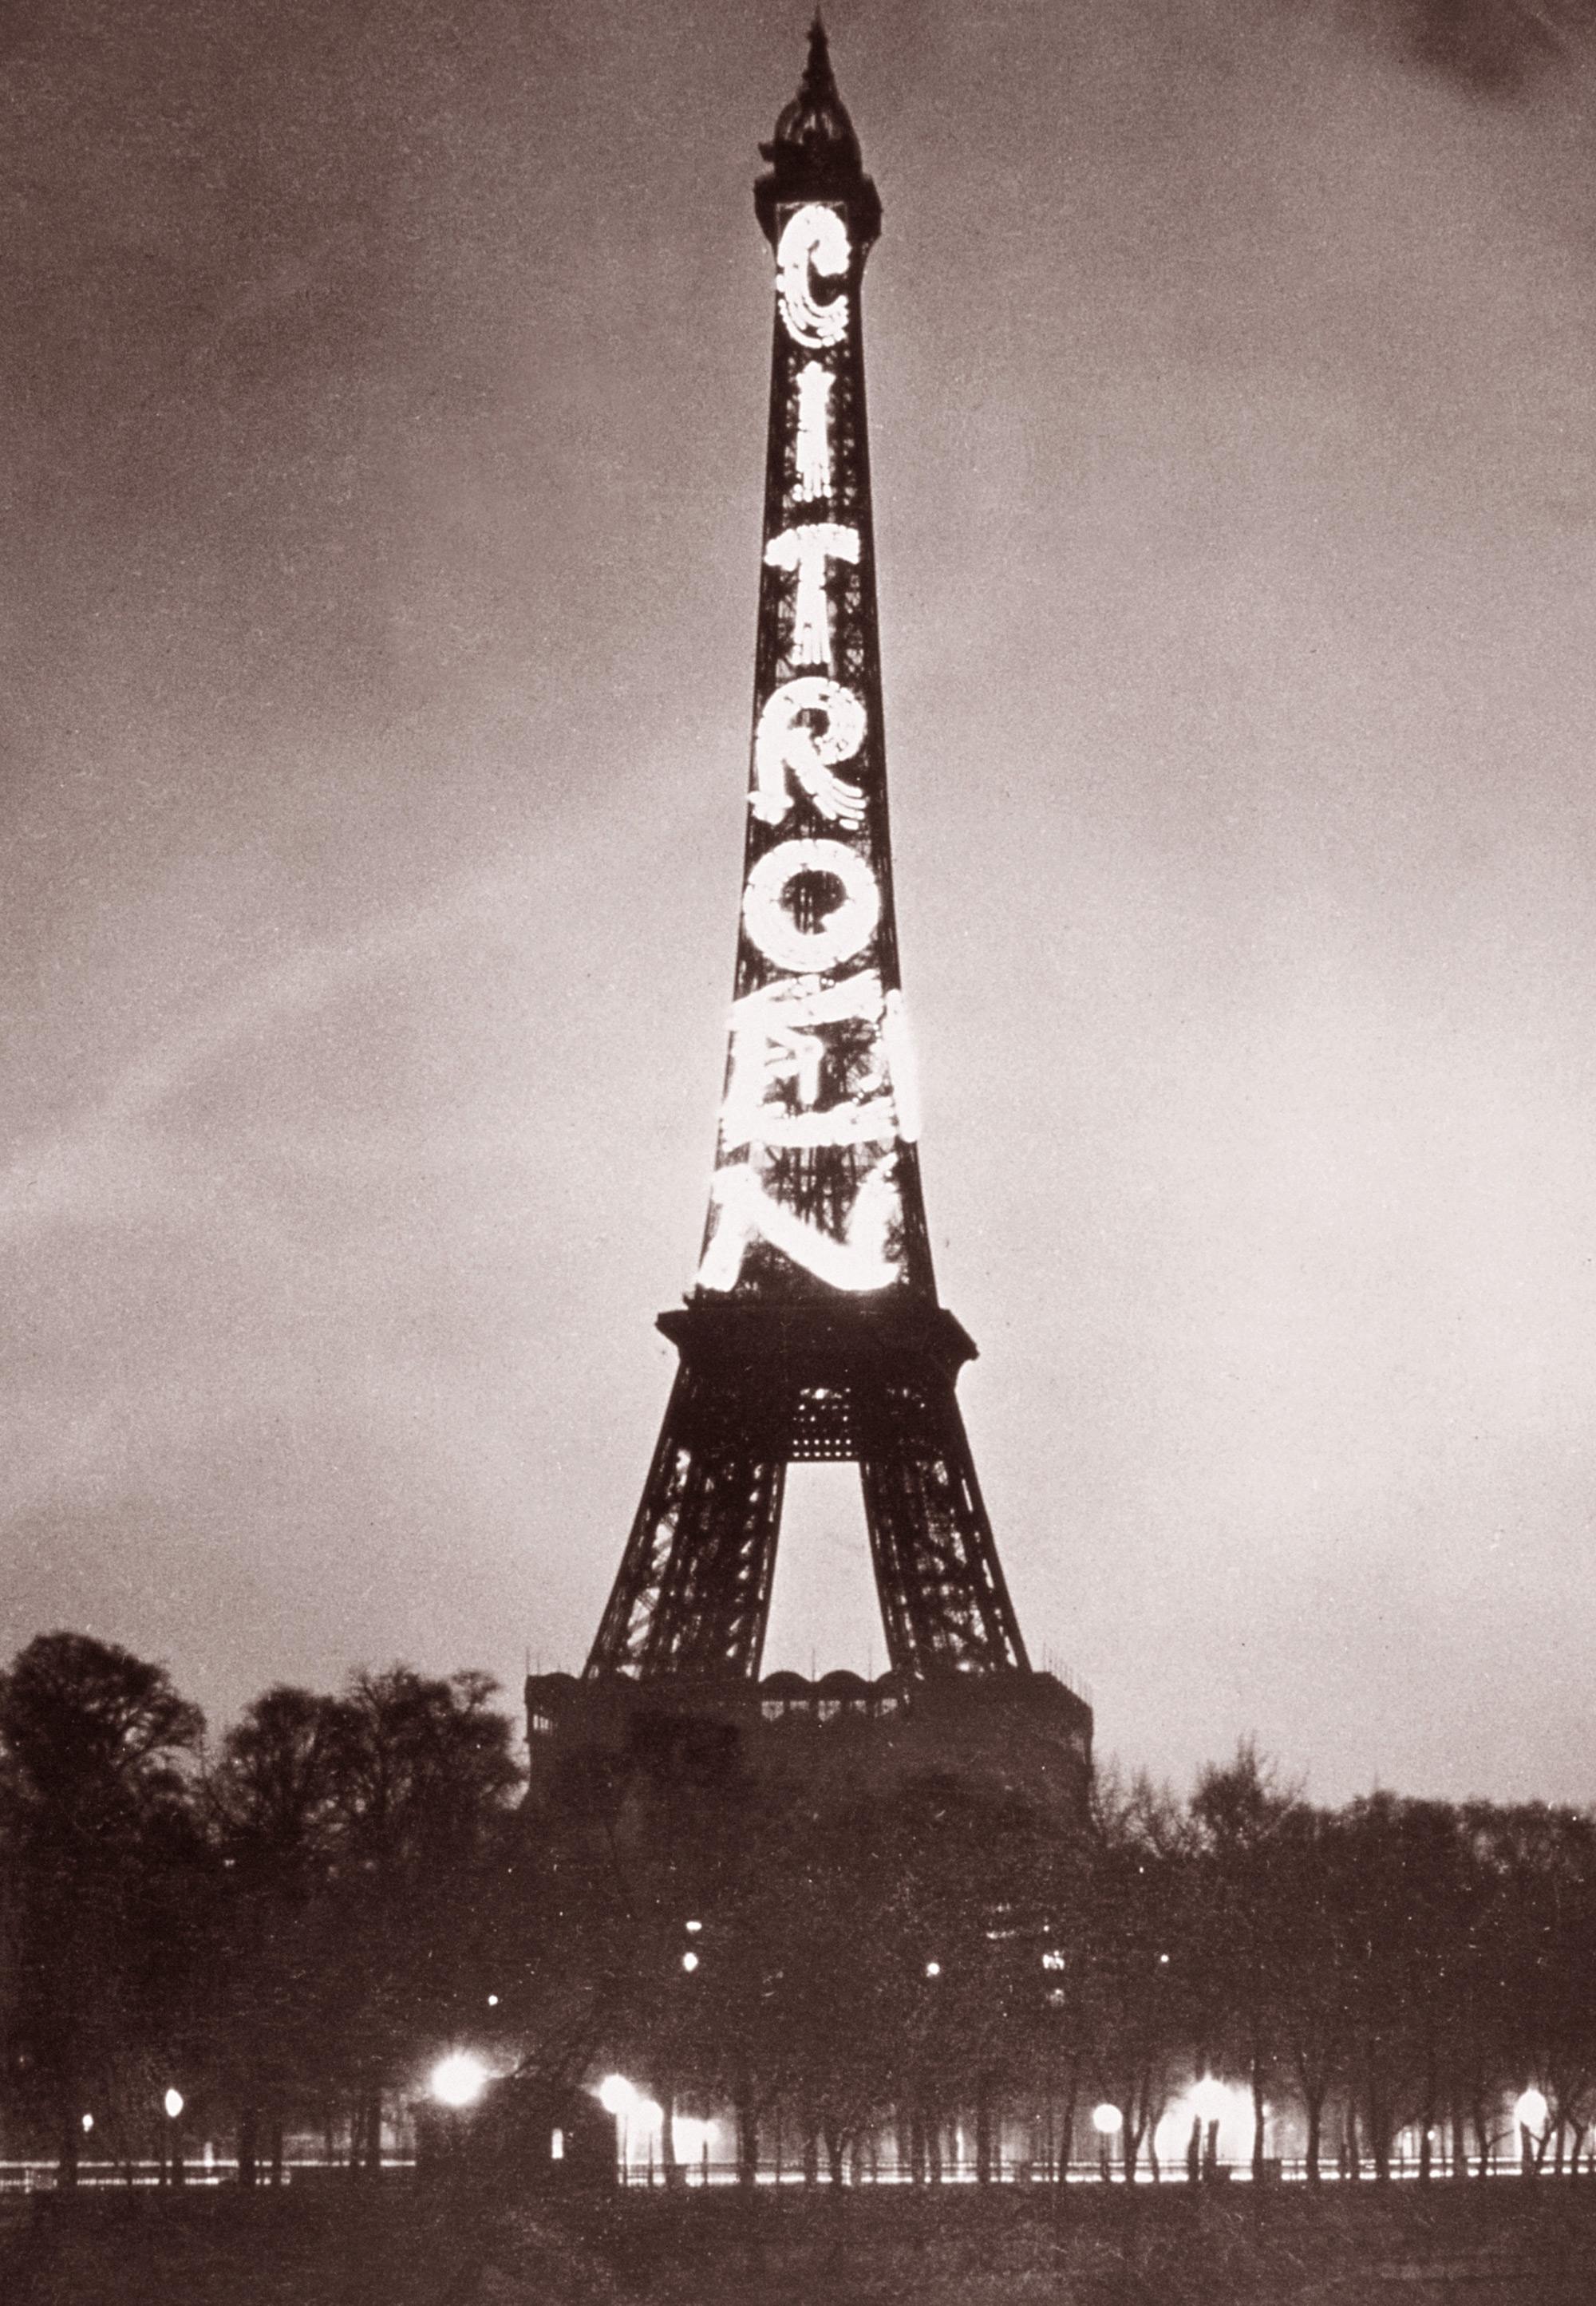 1924 - pubblicità sulla torre eiffel, ci vollero 250mila lampadine